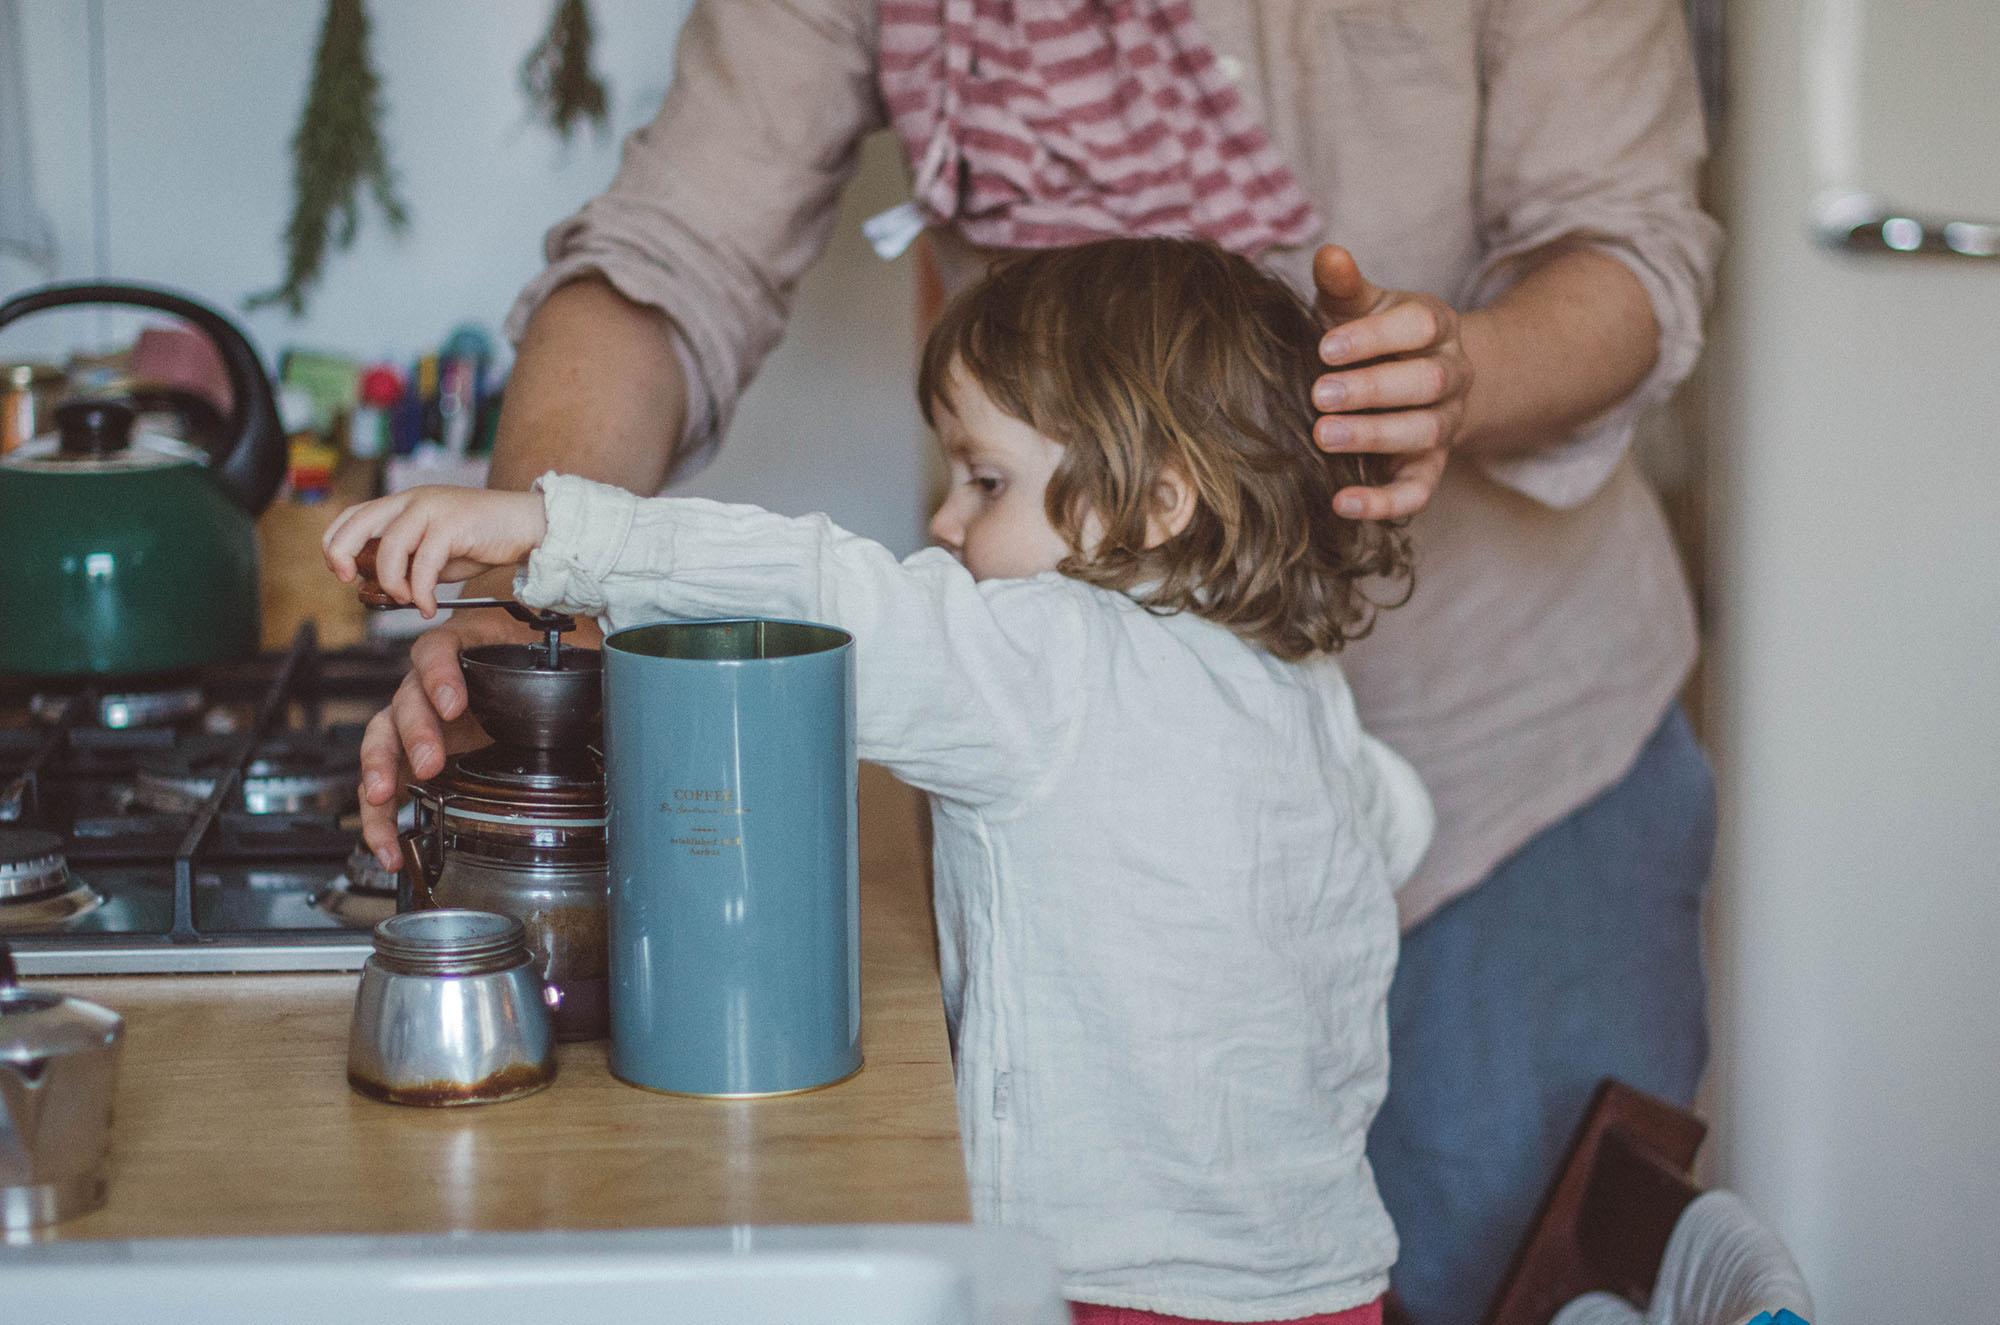 fotoshooting familie Freiburg, Kind mahlt Kaffee